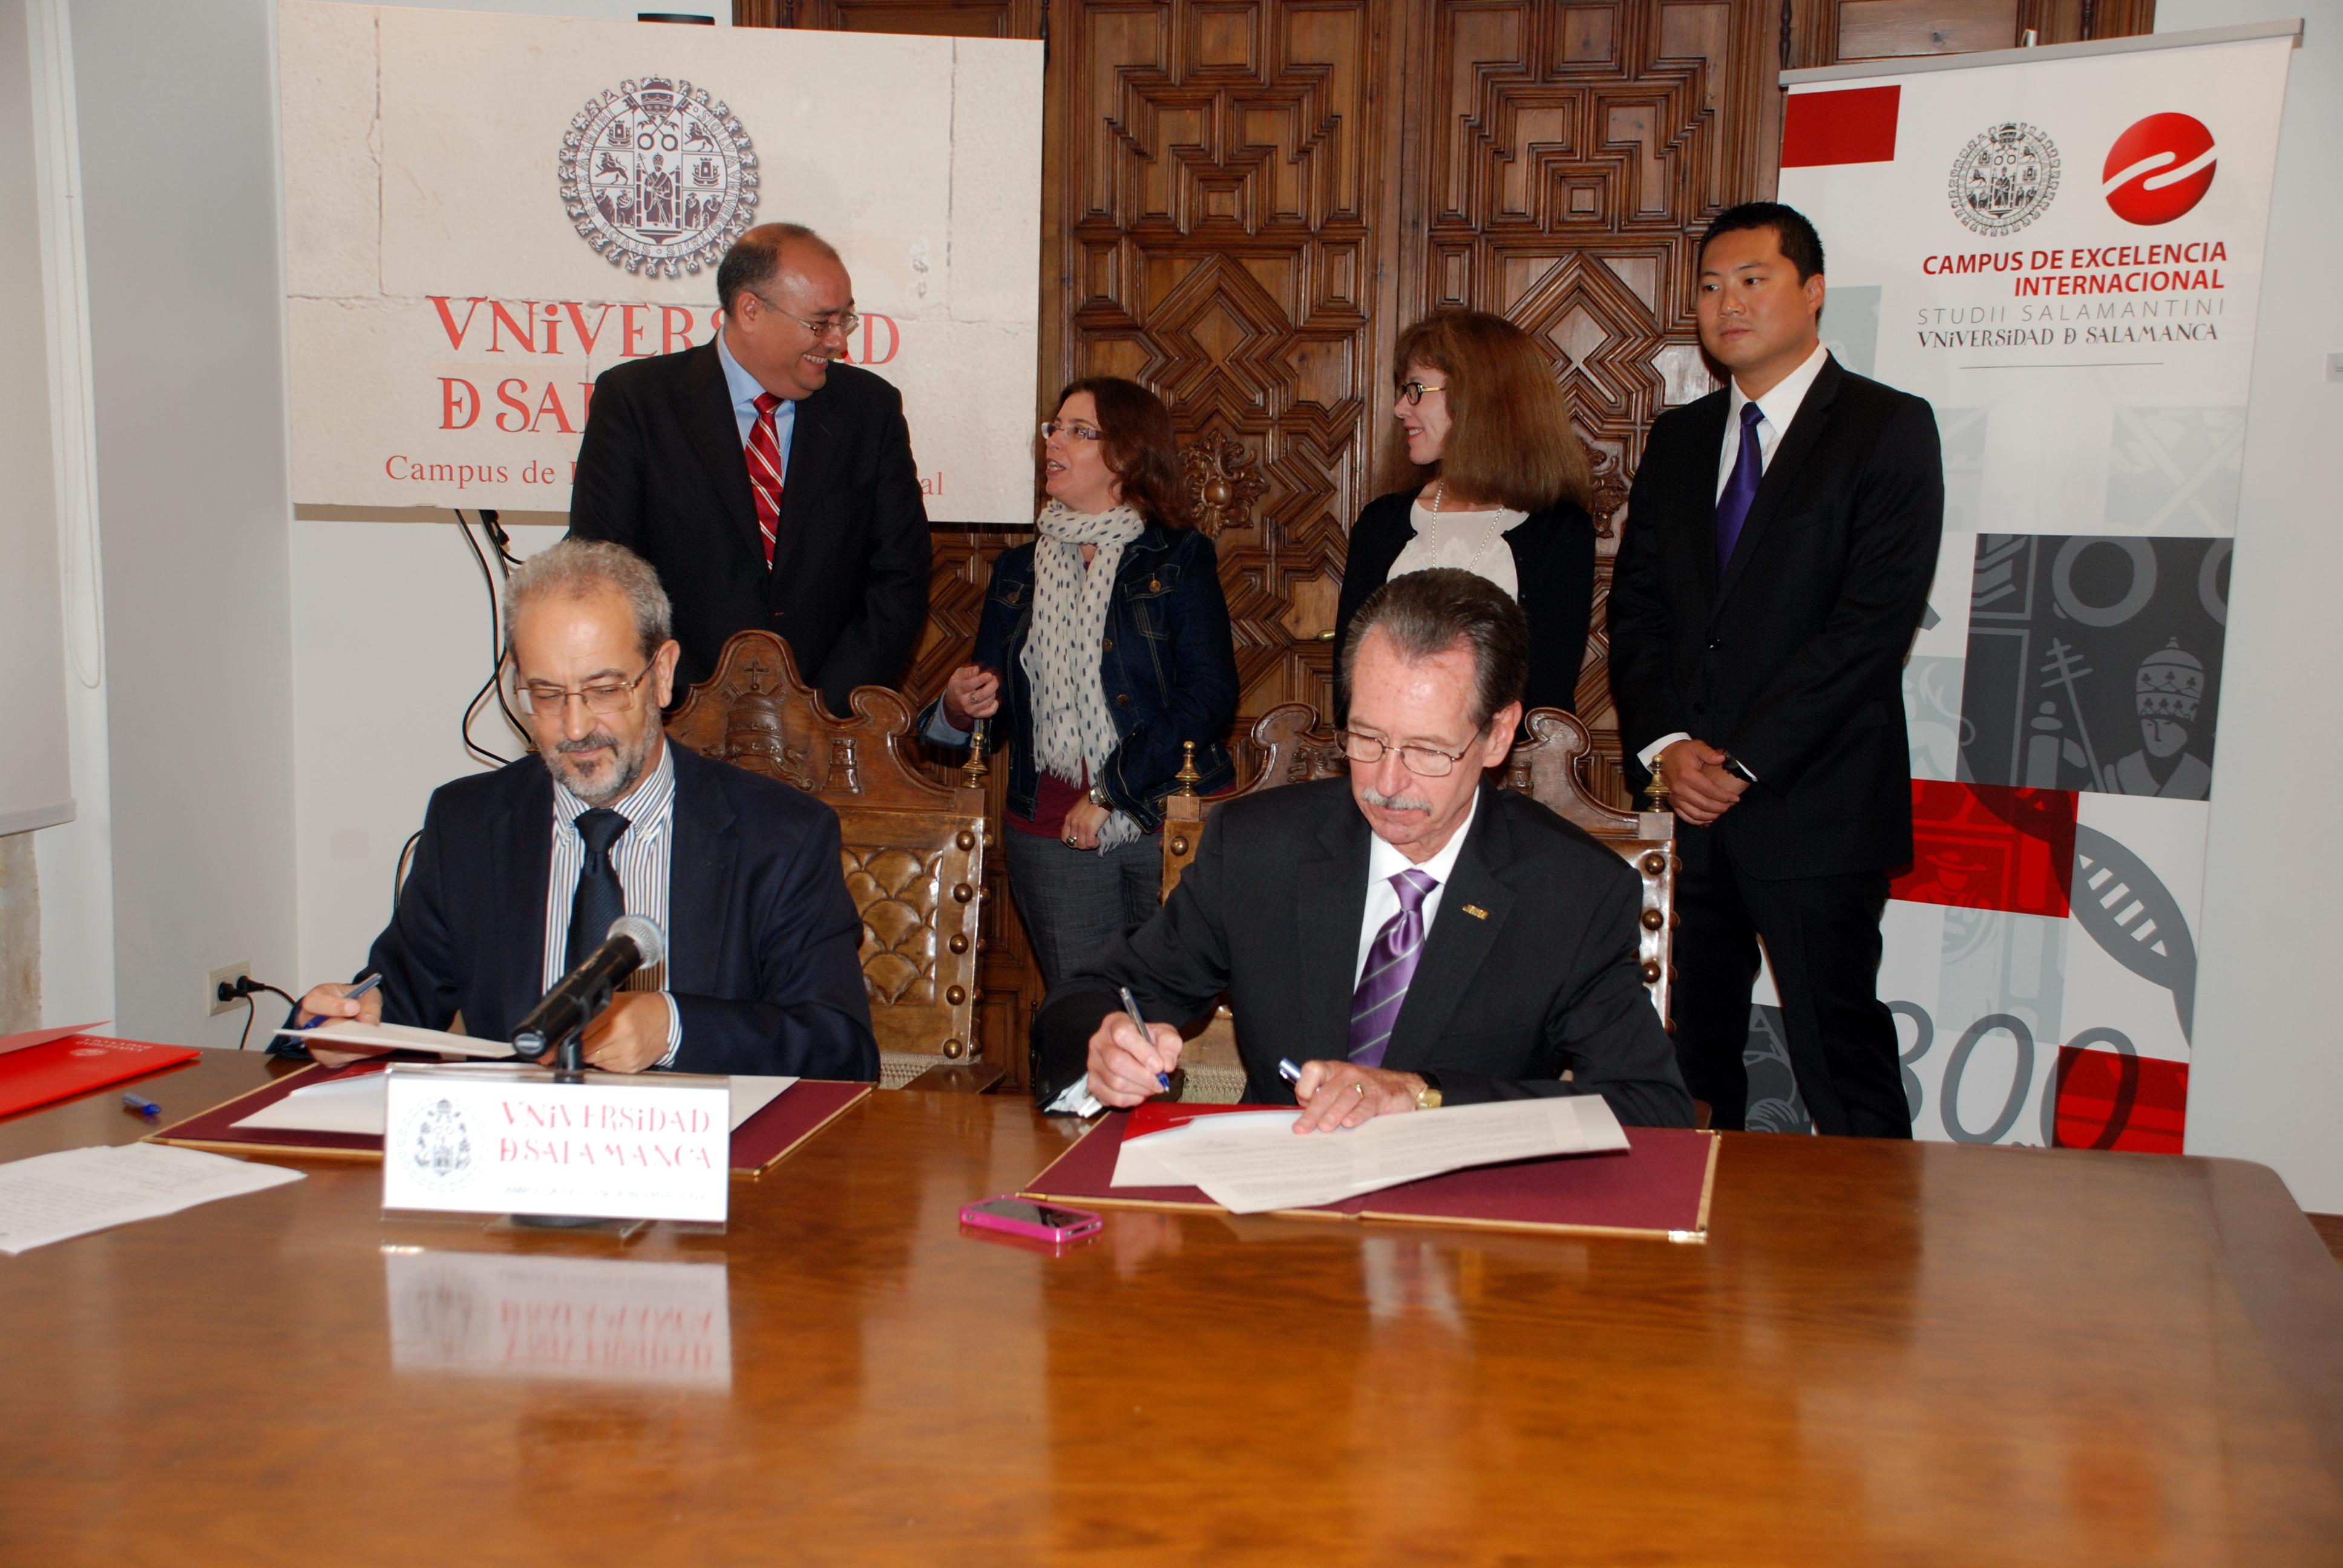 Las universidades de Salamanca y James Madison impartirán un doble título de Máster para la formación de profesores de español